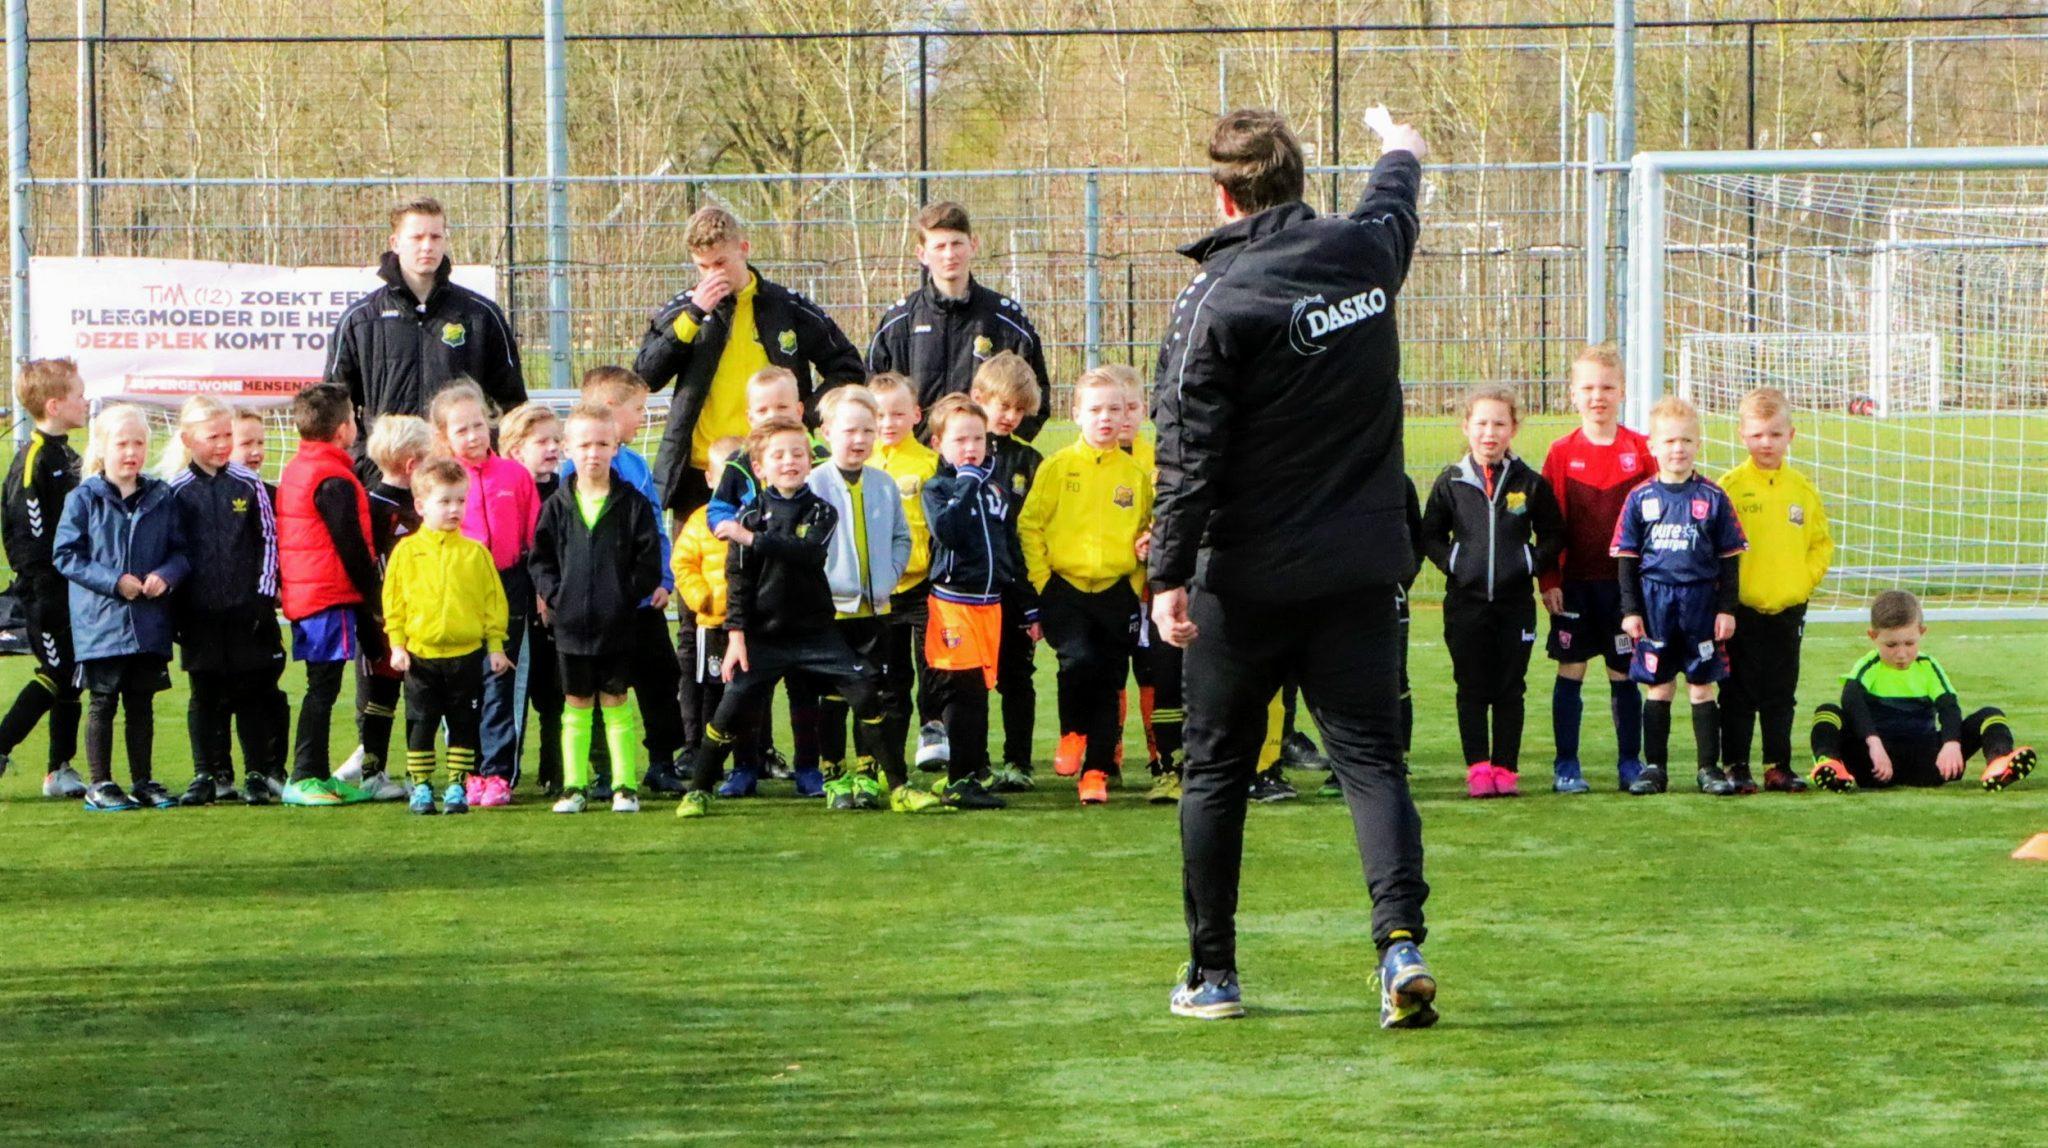 Foto's van de voetbalschool